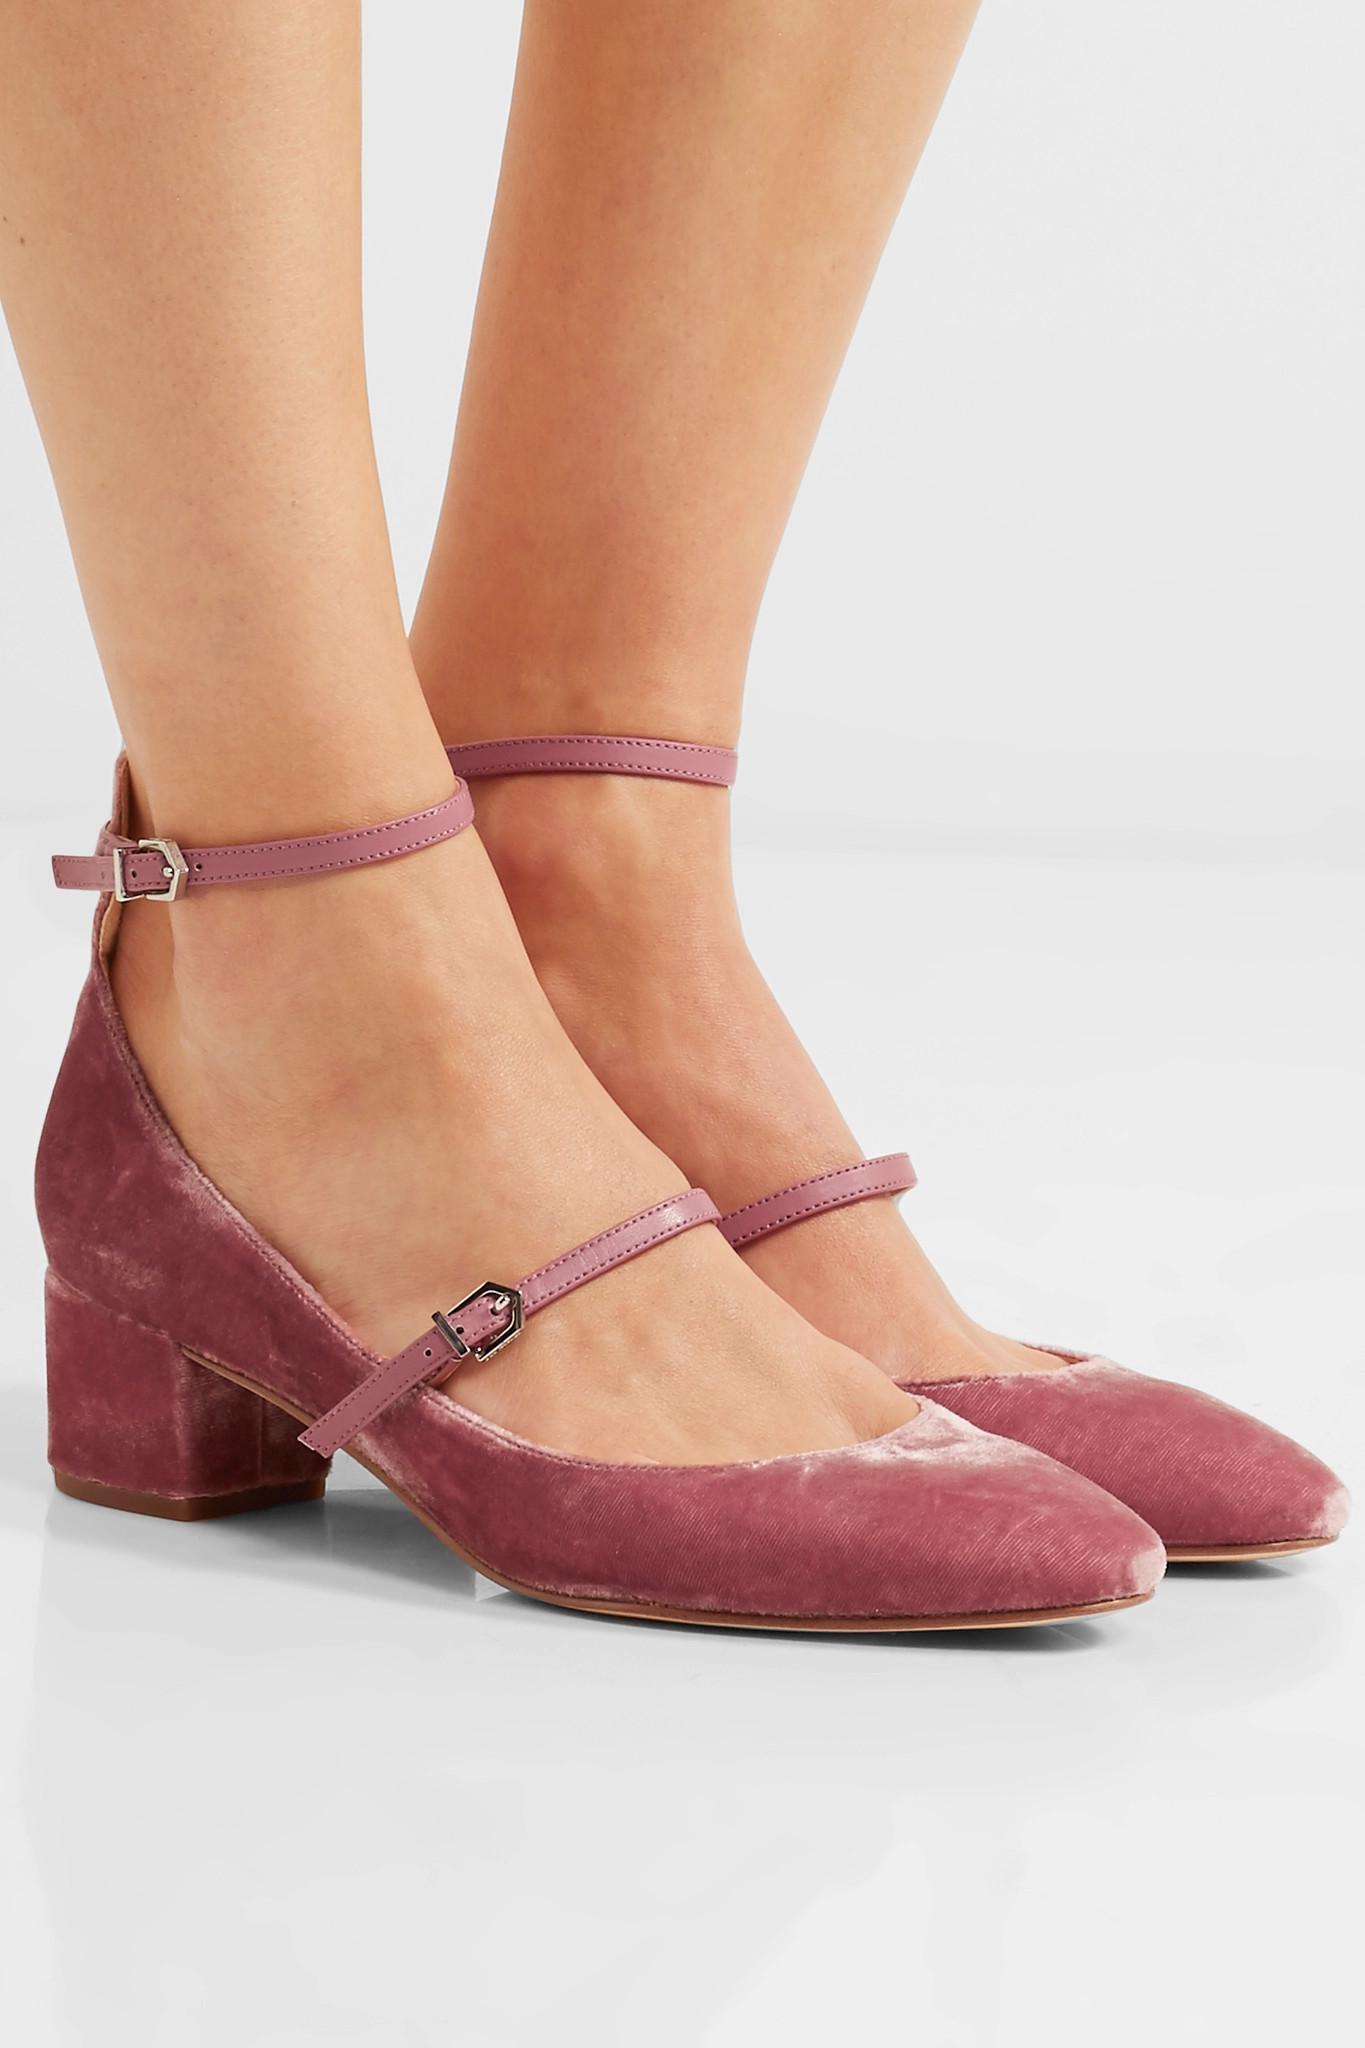 0b59d29a4 Lyst - Sam Edelman Lulie Leather-trimmed Velvet Pumps in Pink